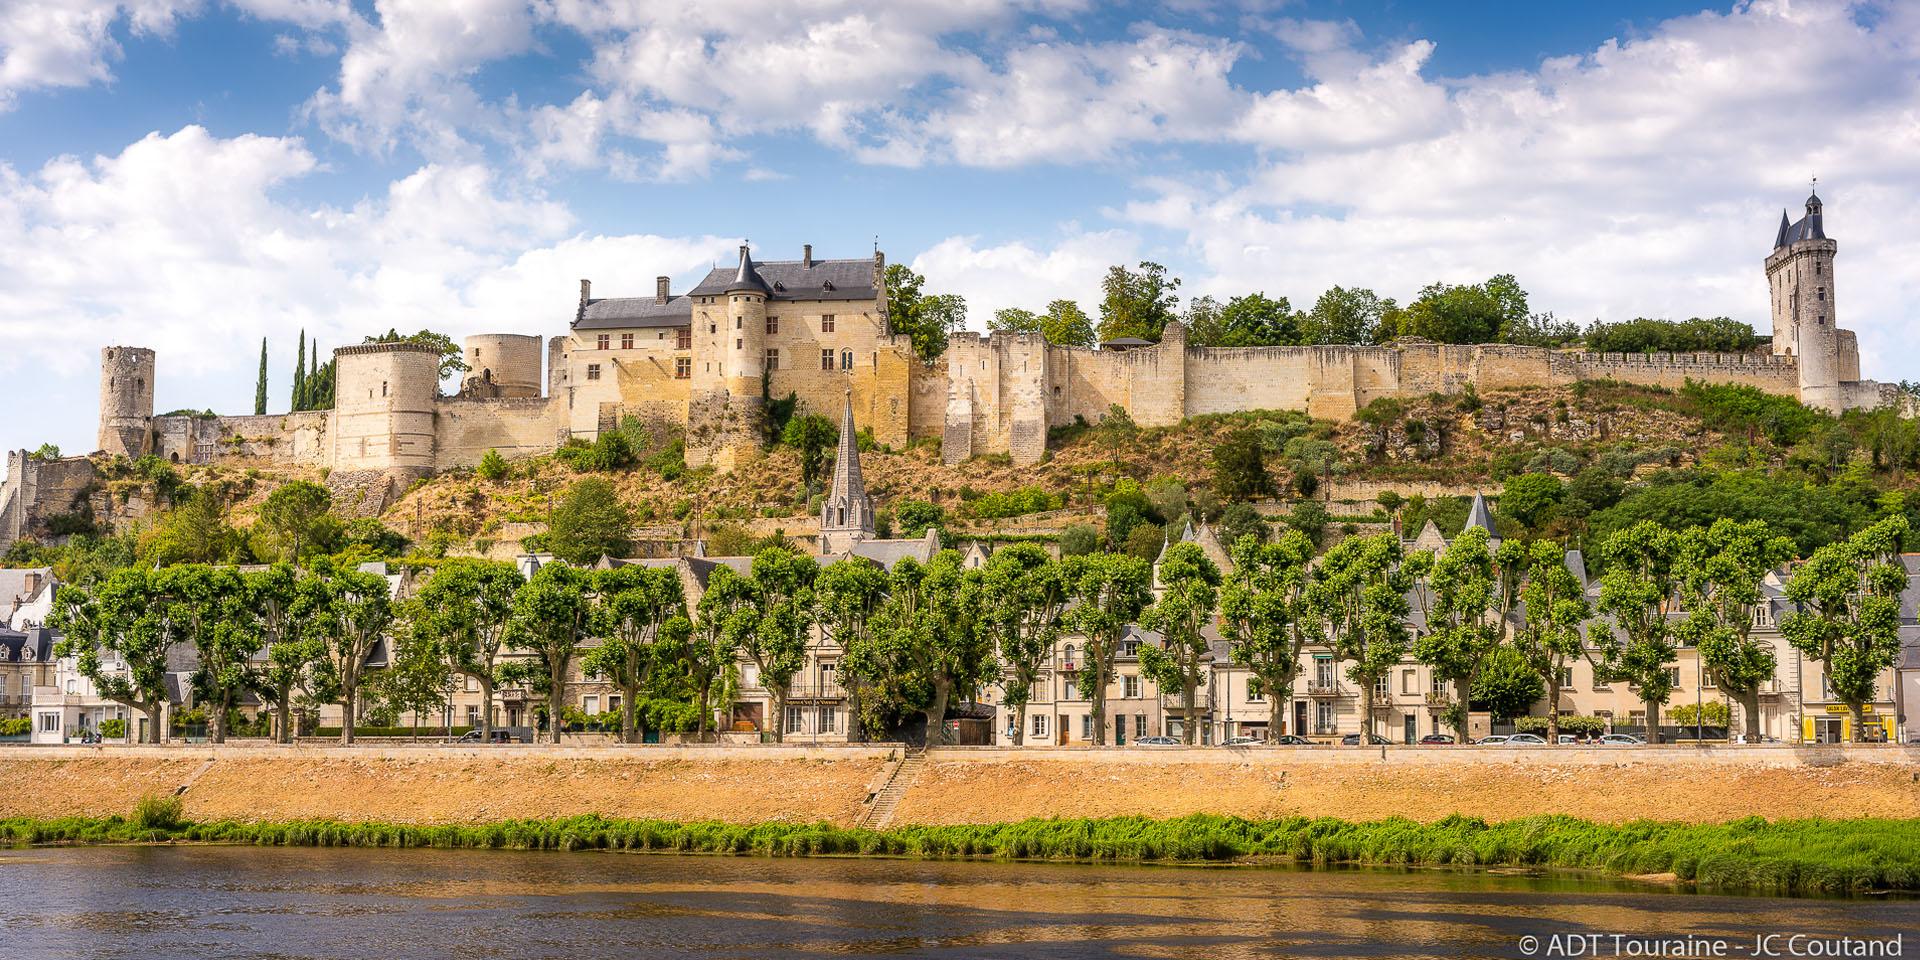 Royal fortress of Chinon